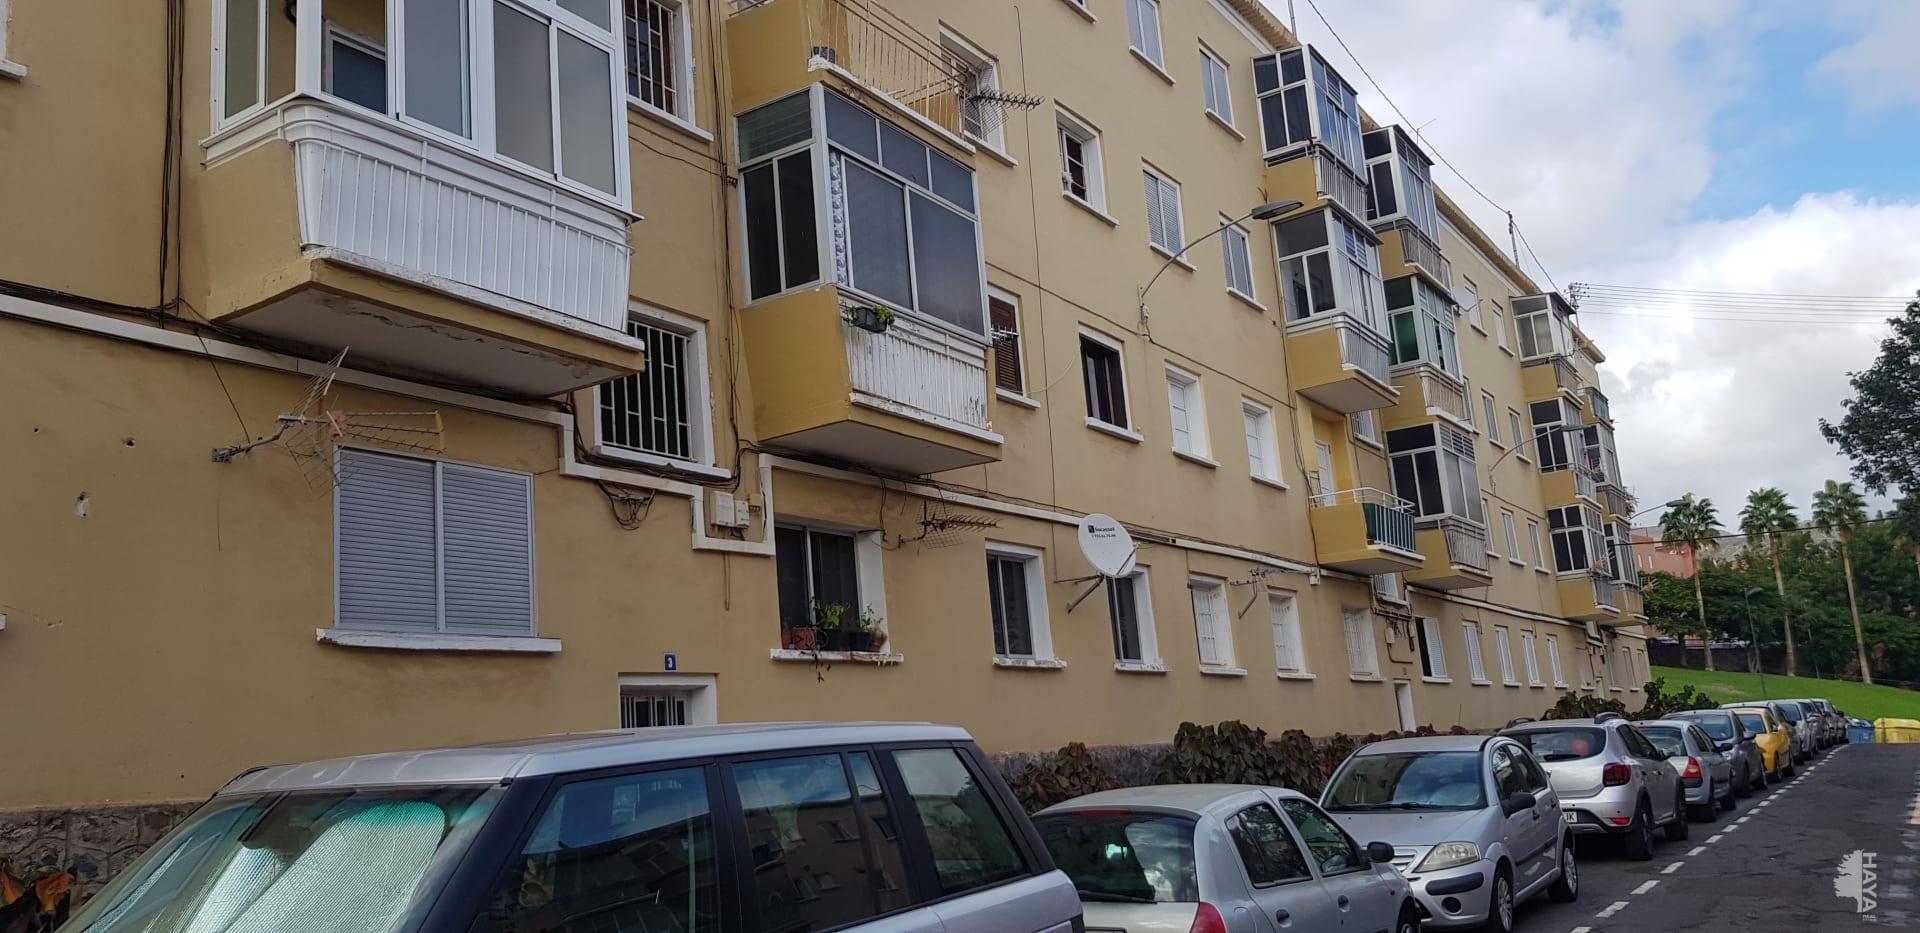 Piso en venta en Salud-la Salle, Santa Cruz de Tenerife, Santa Cruz de Tenerife, Calle Rio Jarama, 30.000 €, 3 habitaciones, 1 baño, 92 m2